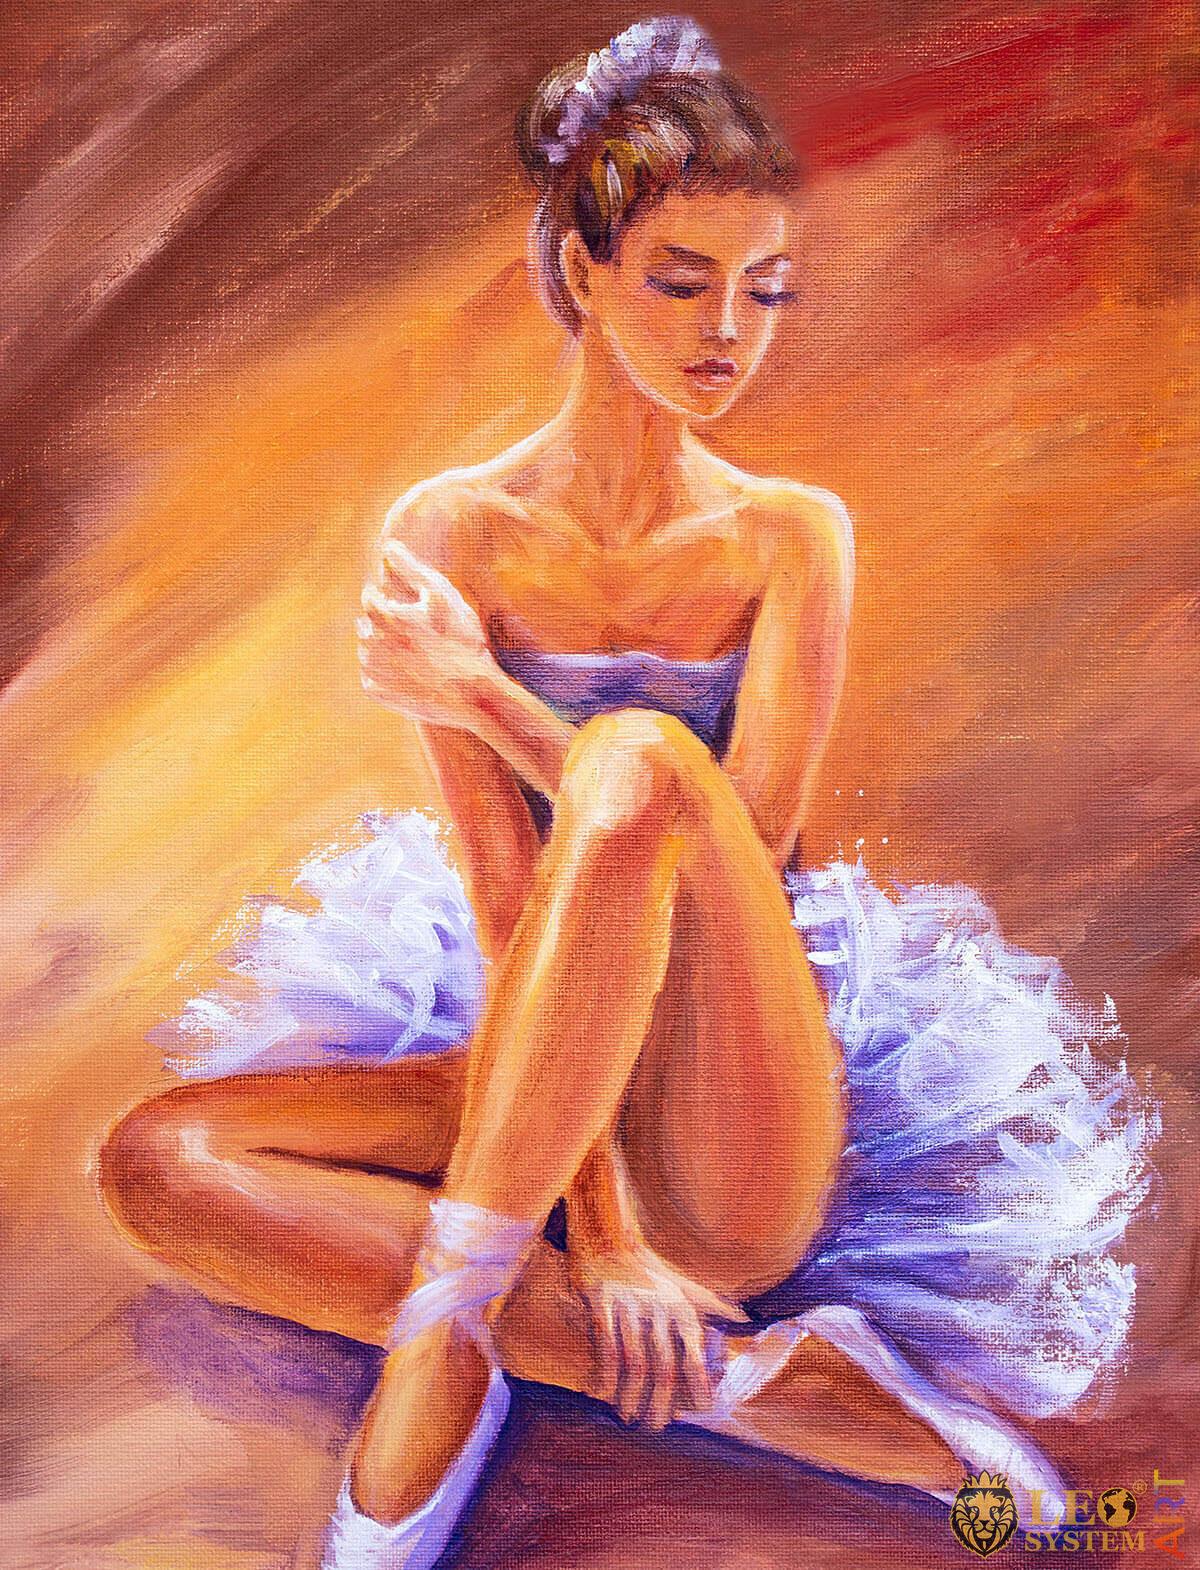 Cute ballerina sitting in a tutu, oil painting